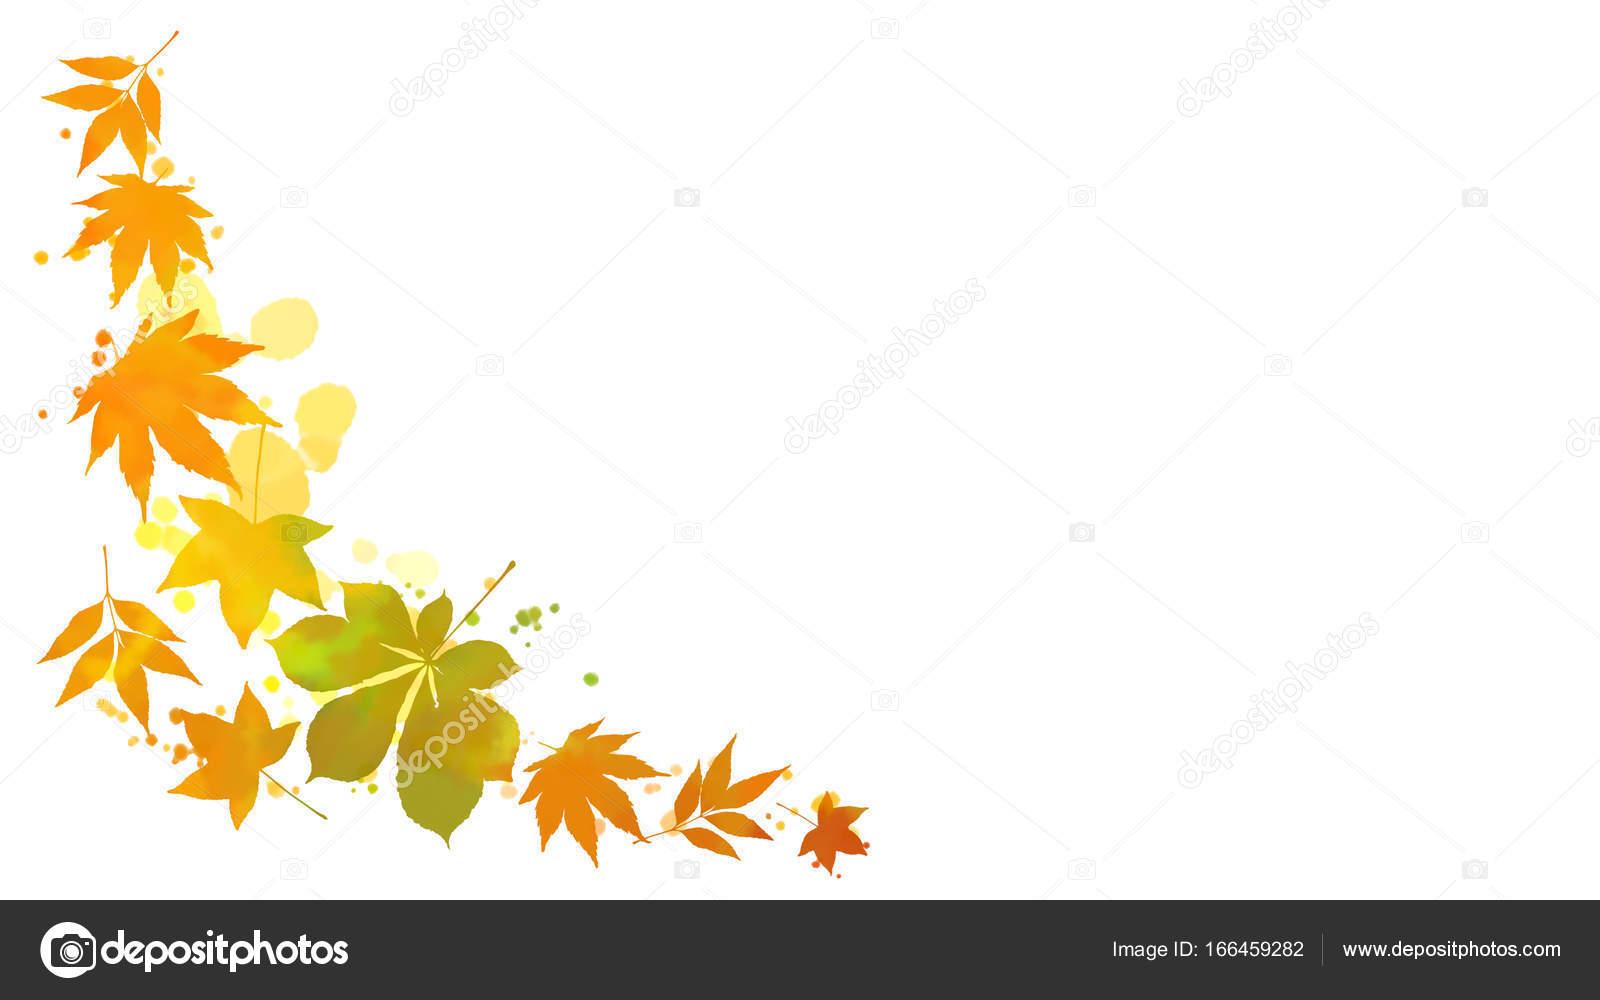 Sonbahar Yaprakları Ve Sulu Boya Lekesi çerçeve Stok Foto Marsea